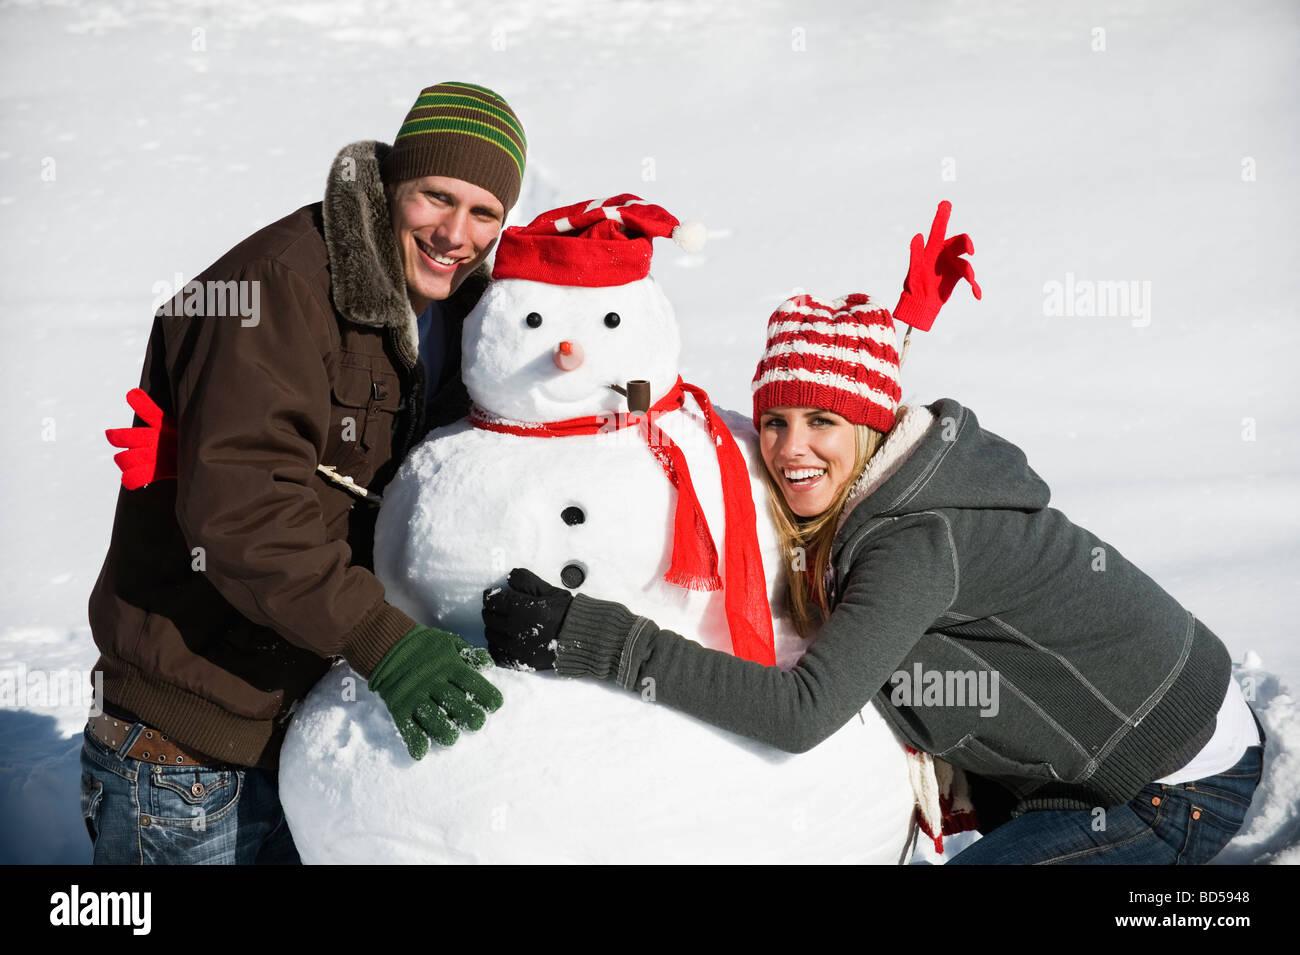 Una Pareja Haciendo Un Muñeco De Nieve Fotografía De Stock Alamy